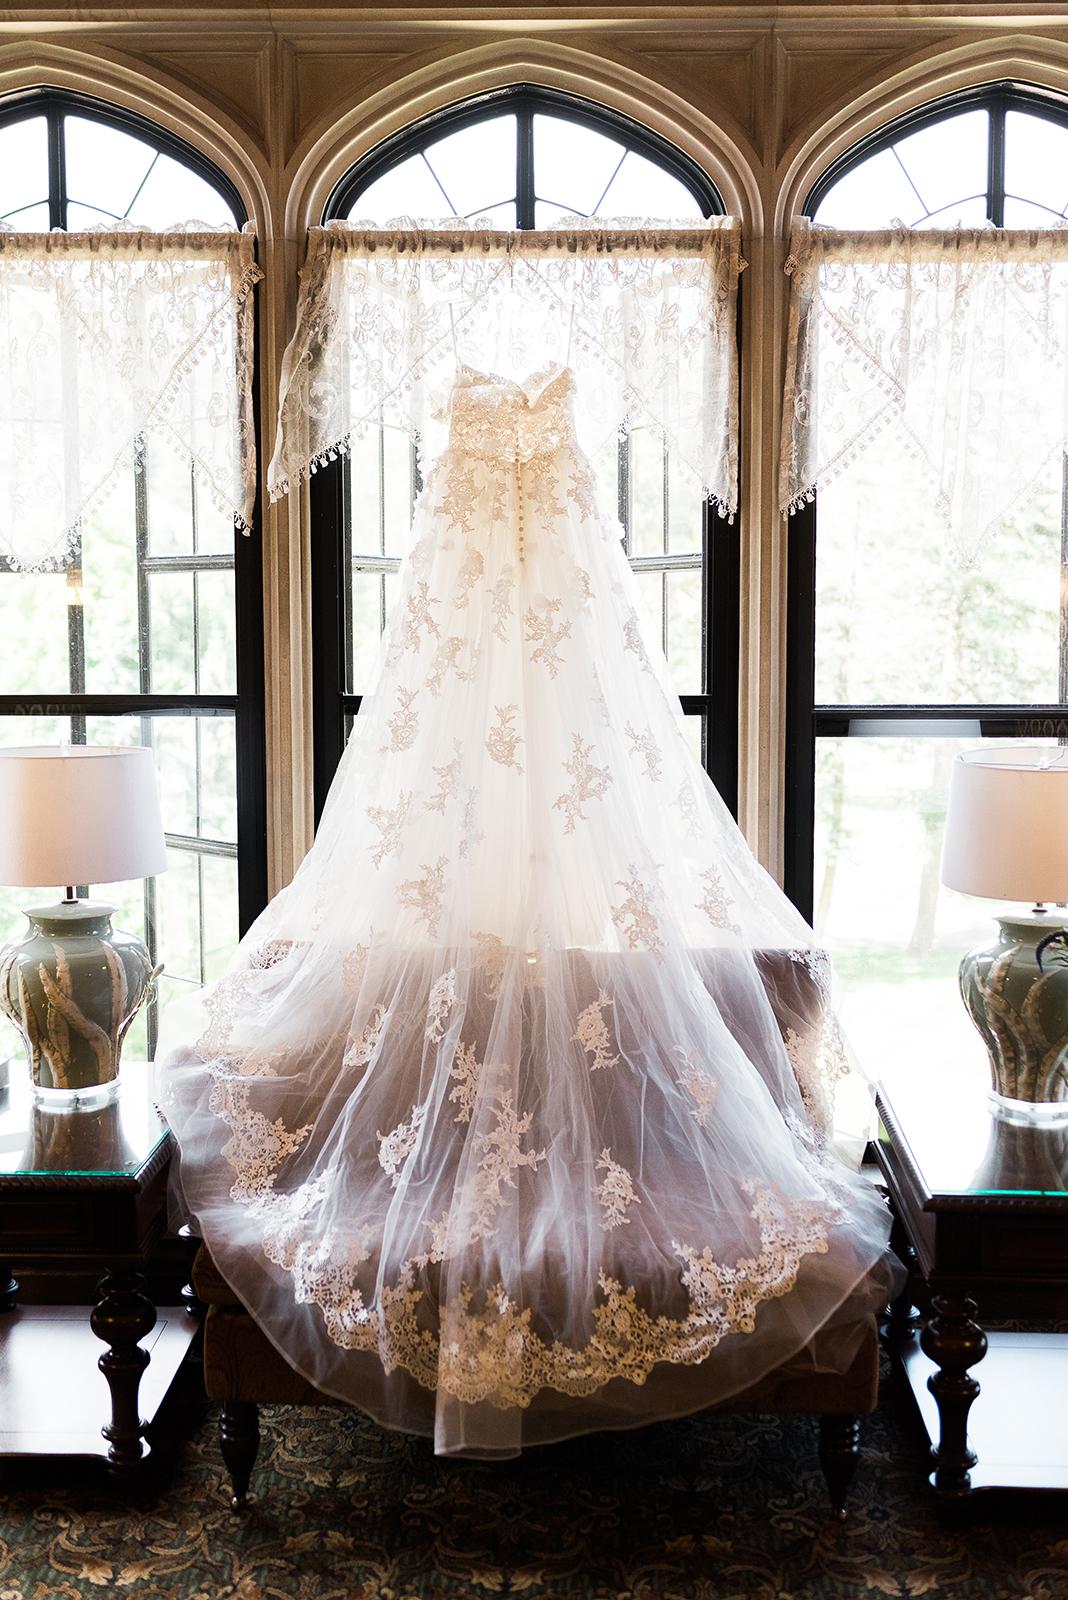 glen-eyrie-castle-wedding-1.jpg